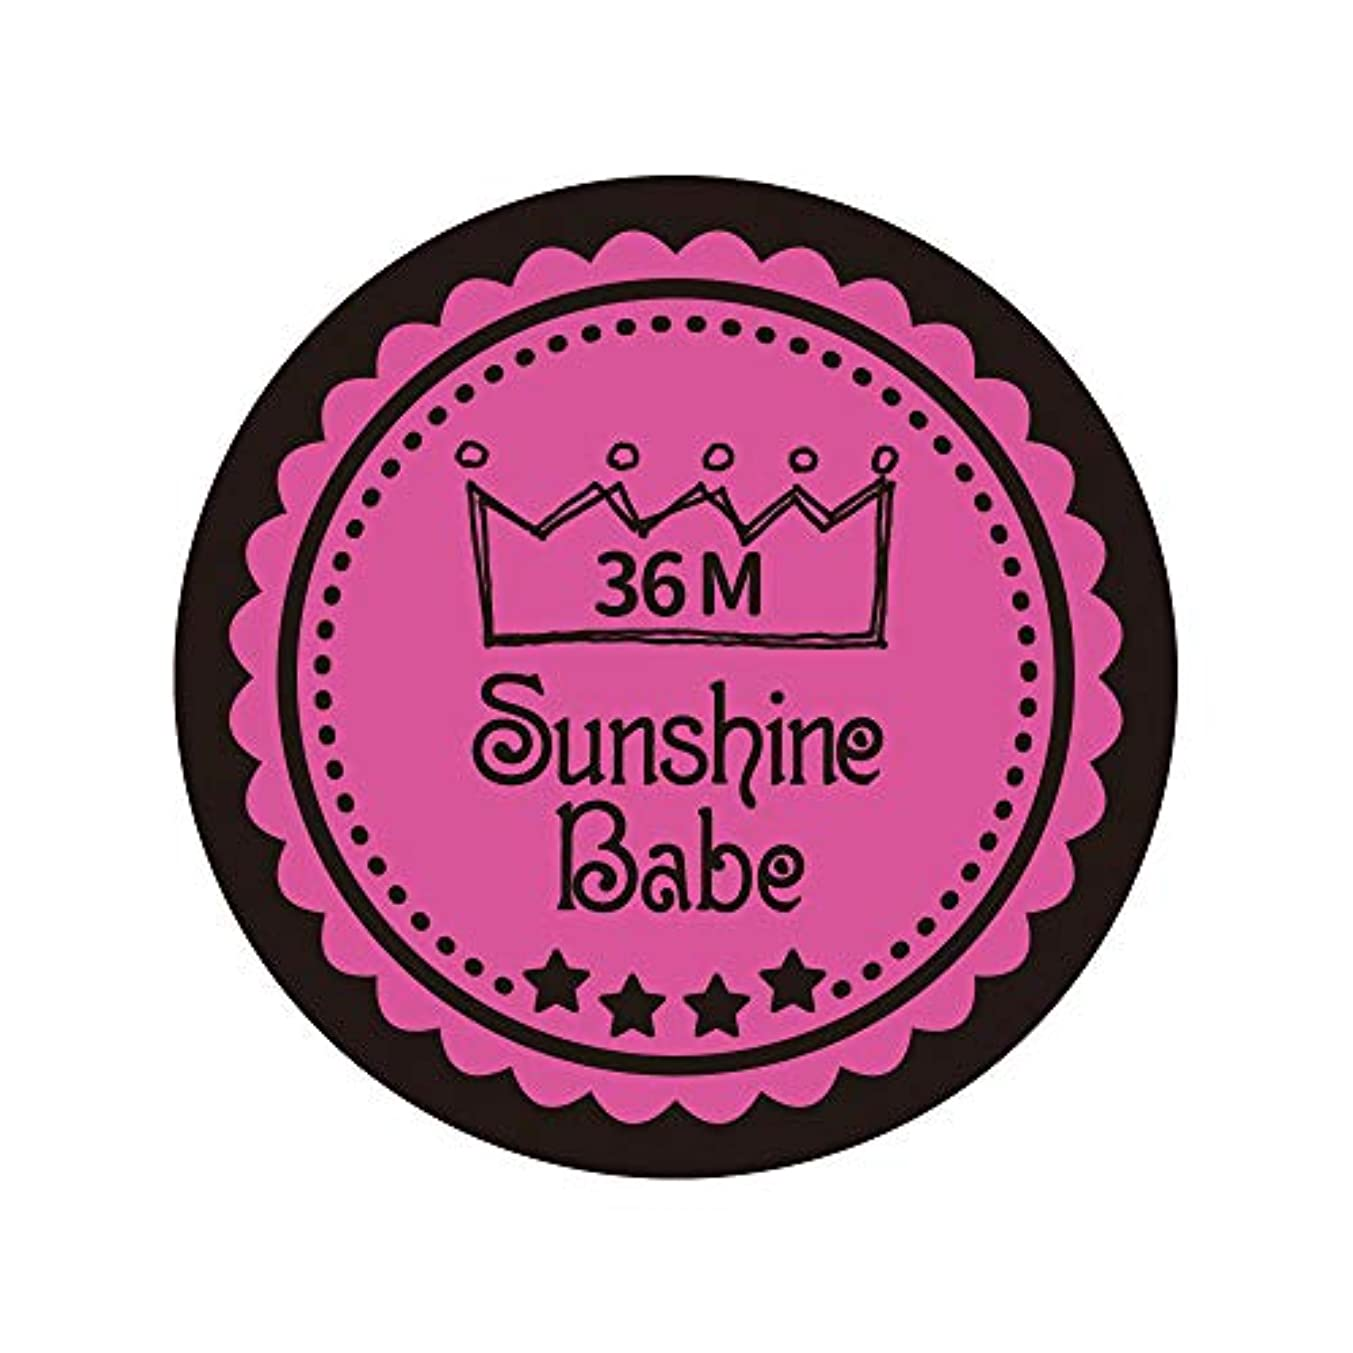 生き物決定するファンシーSunshine Babe カラージェル 36M クロッカスピンク 4g UV/LED対応